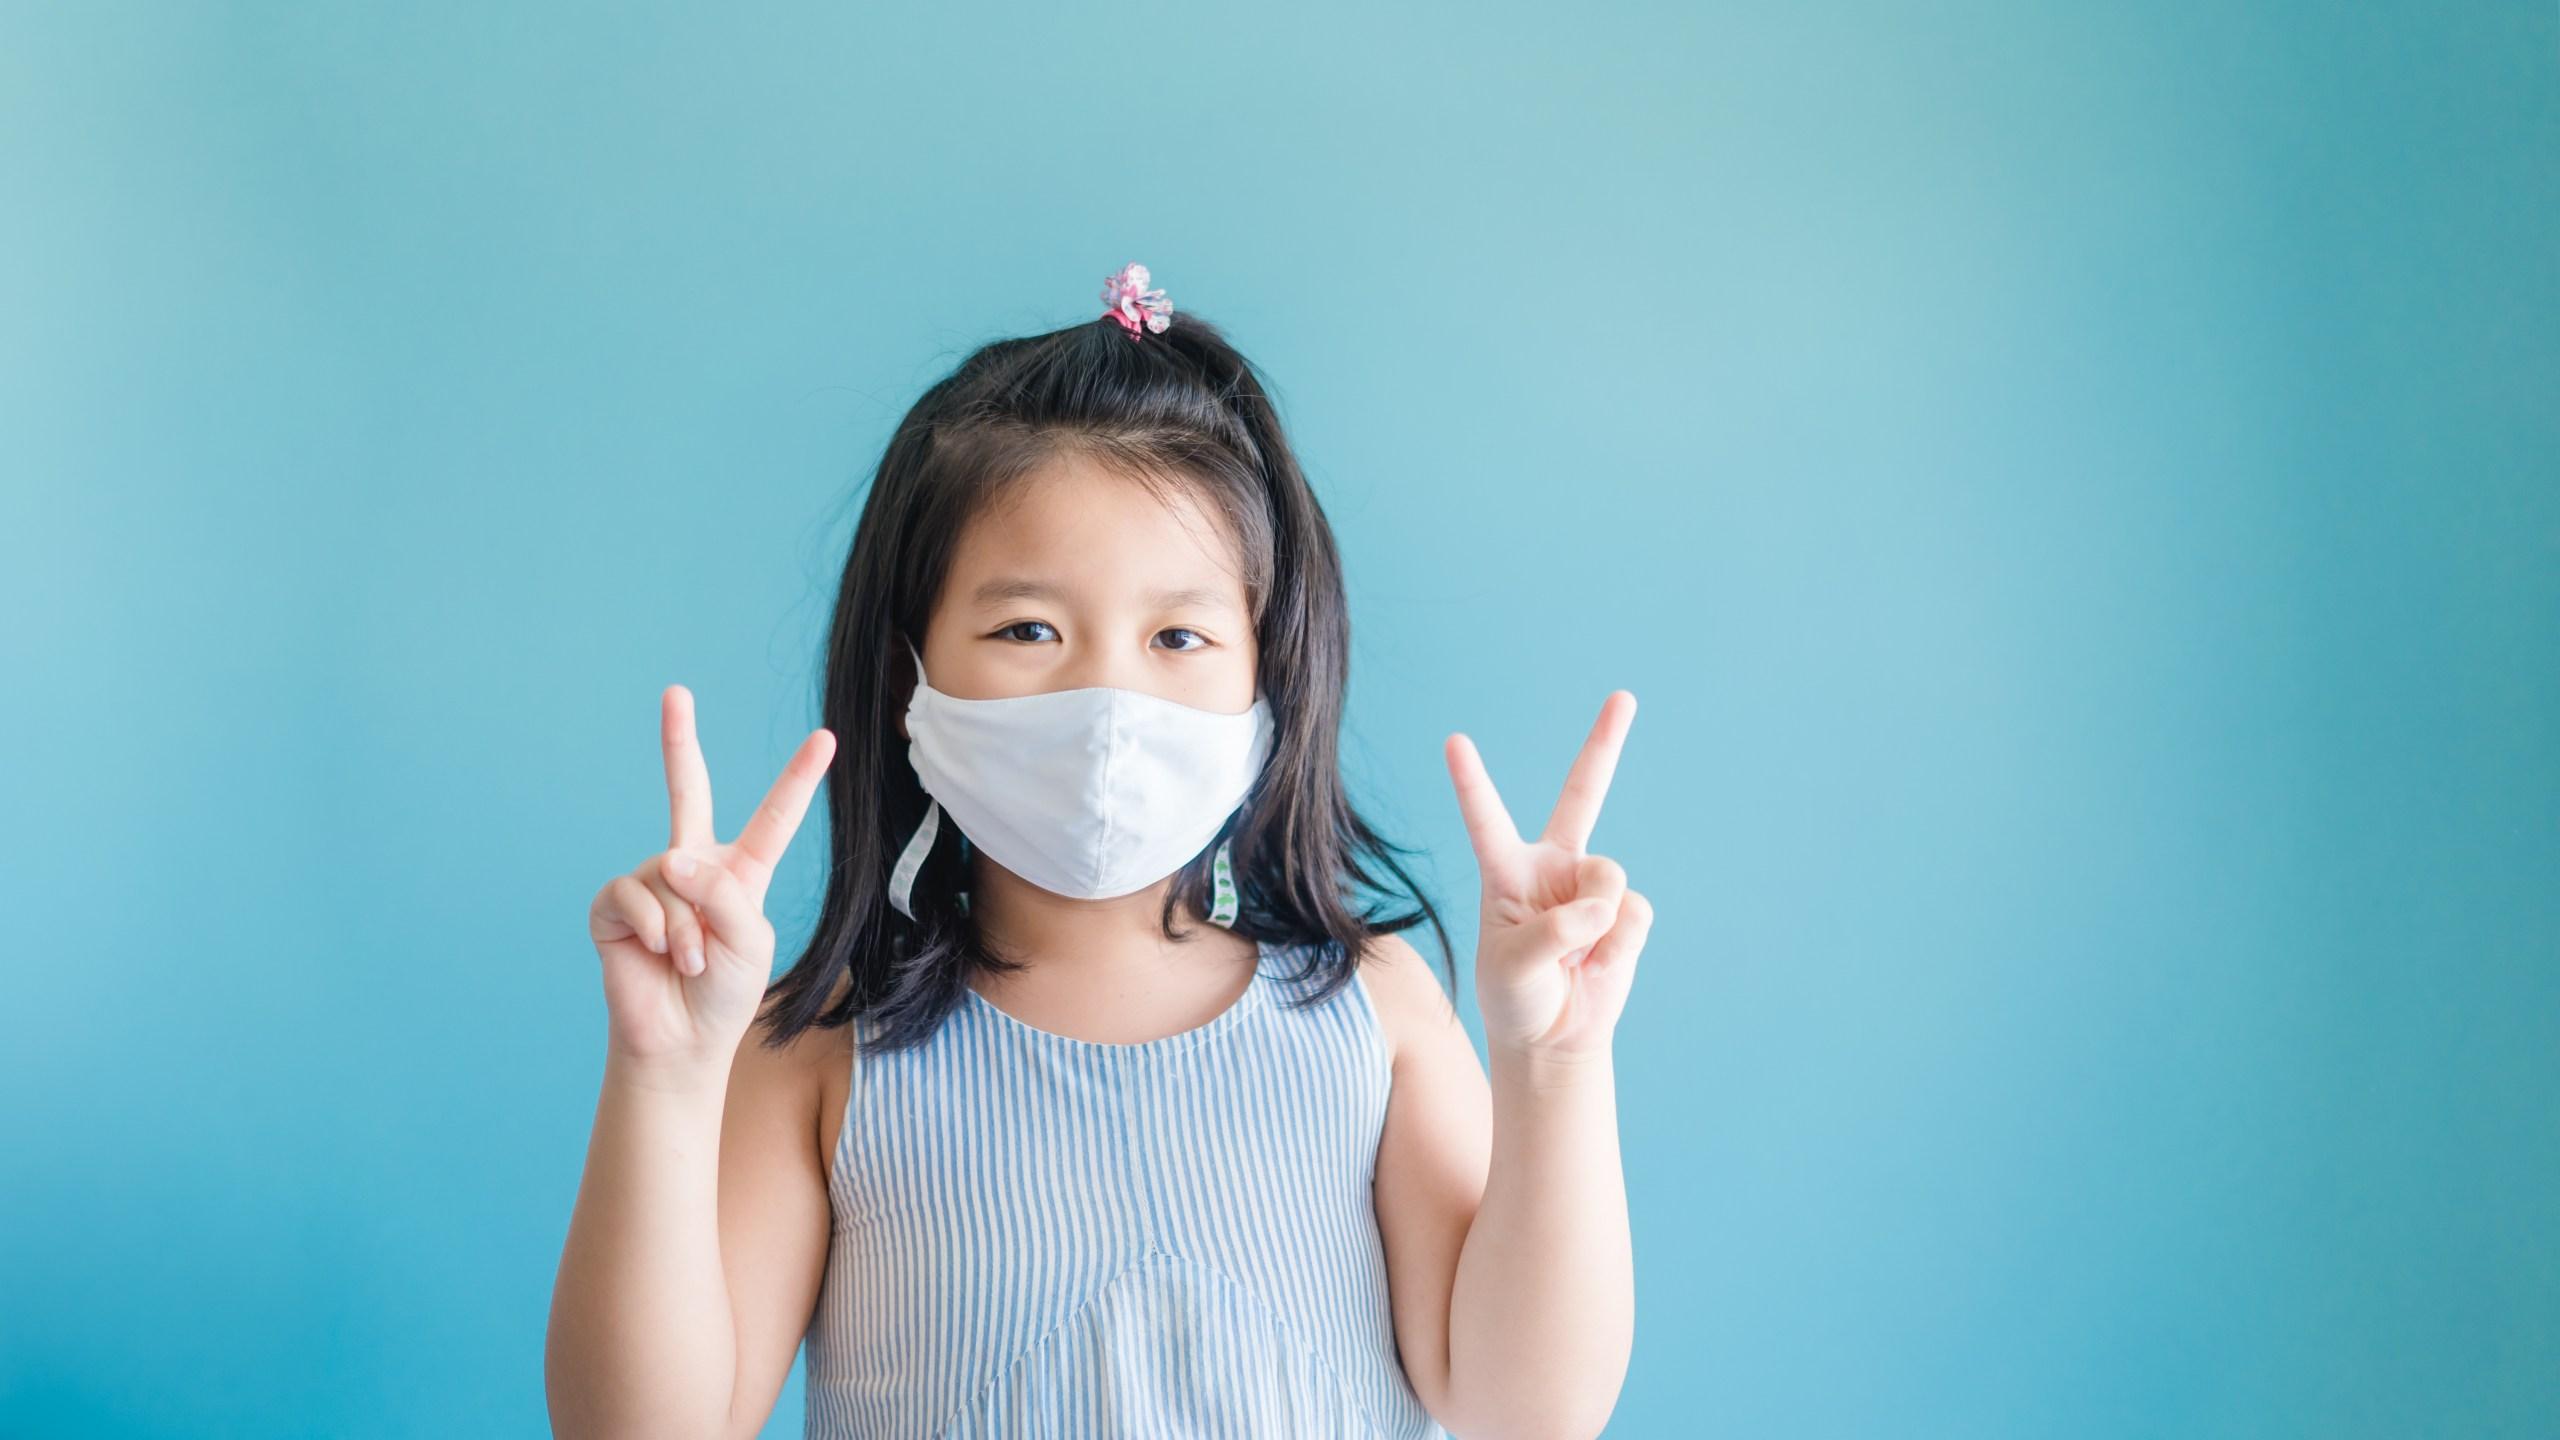 Kid wears mask